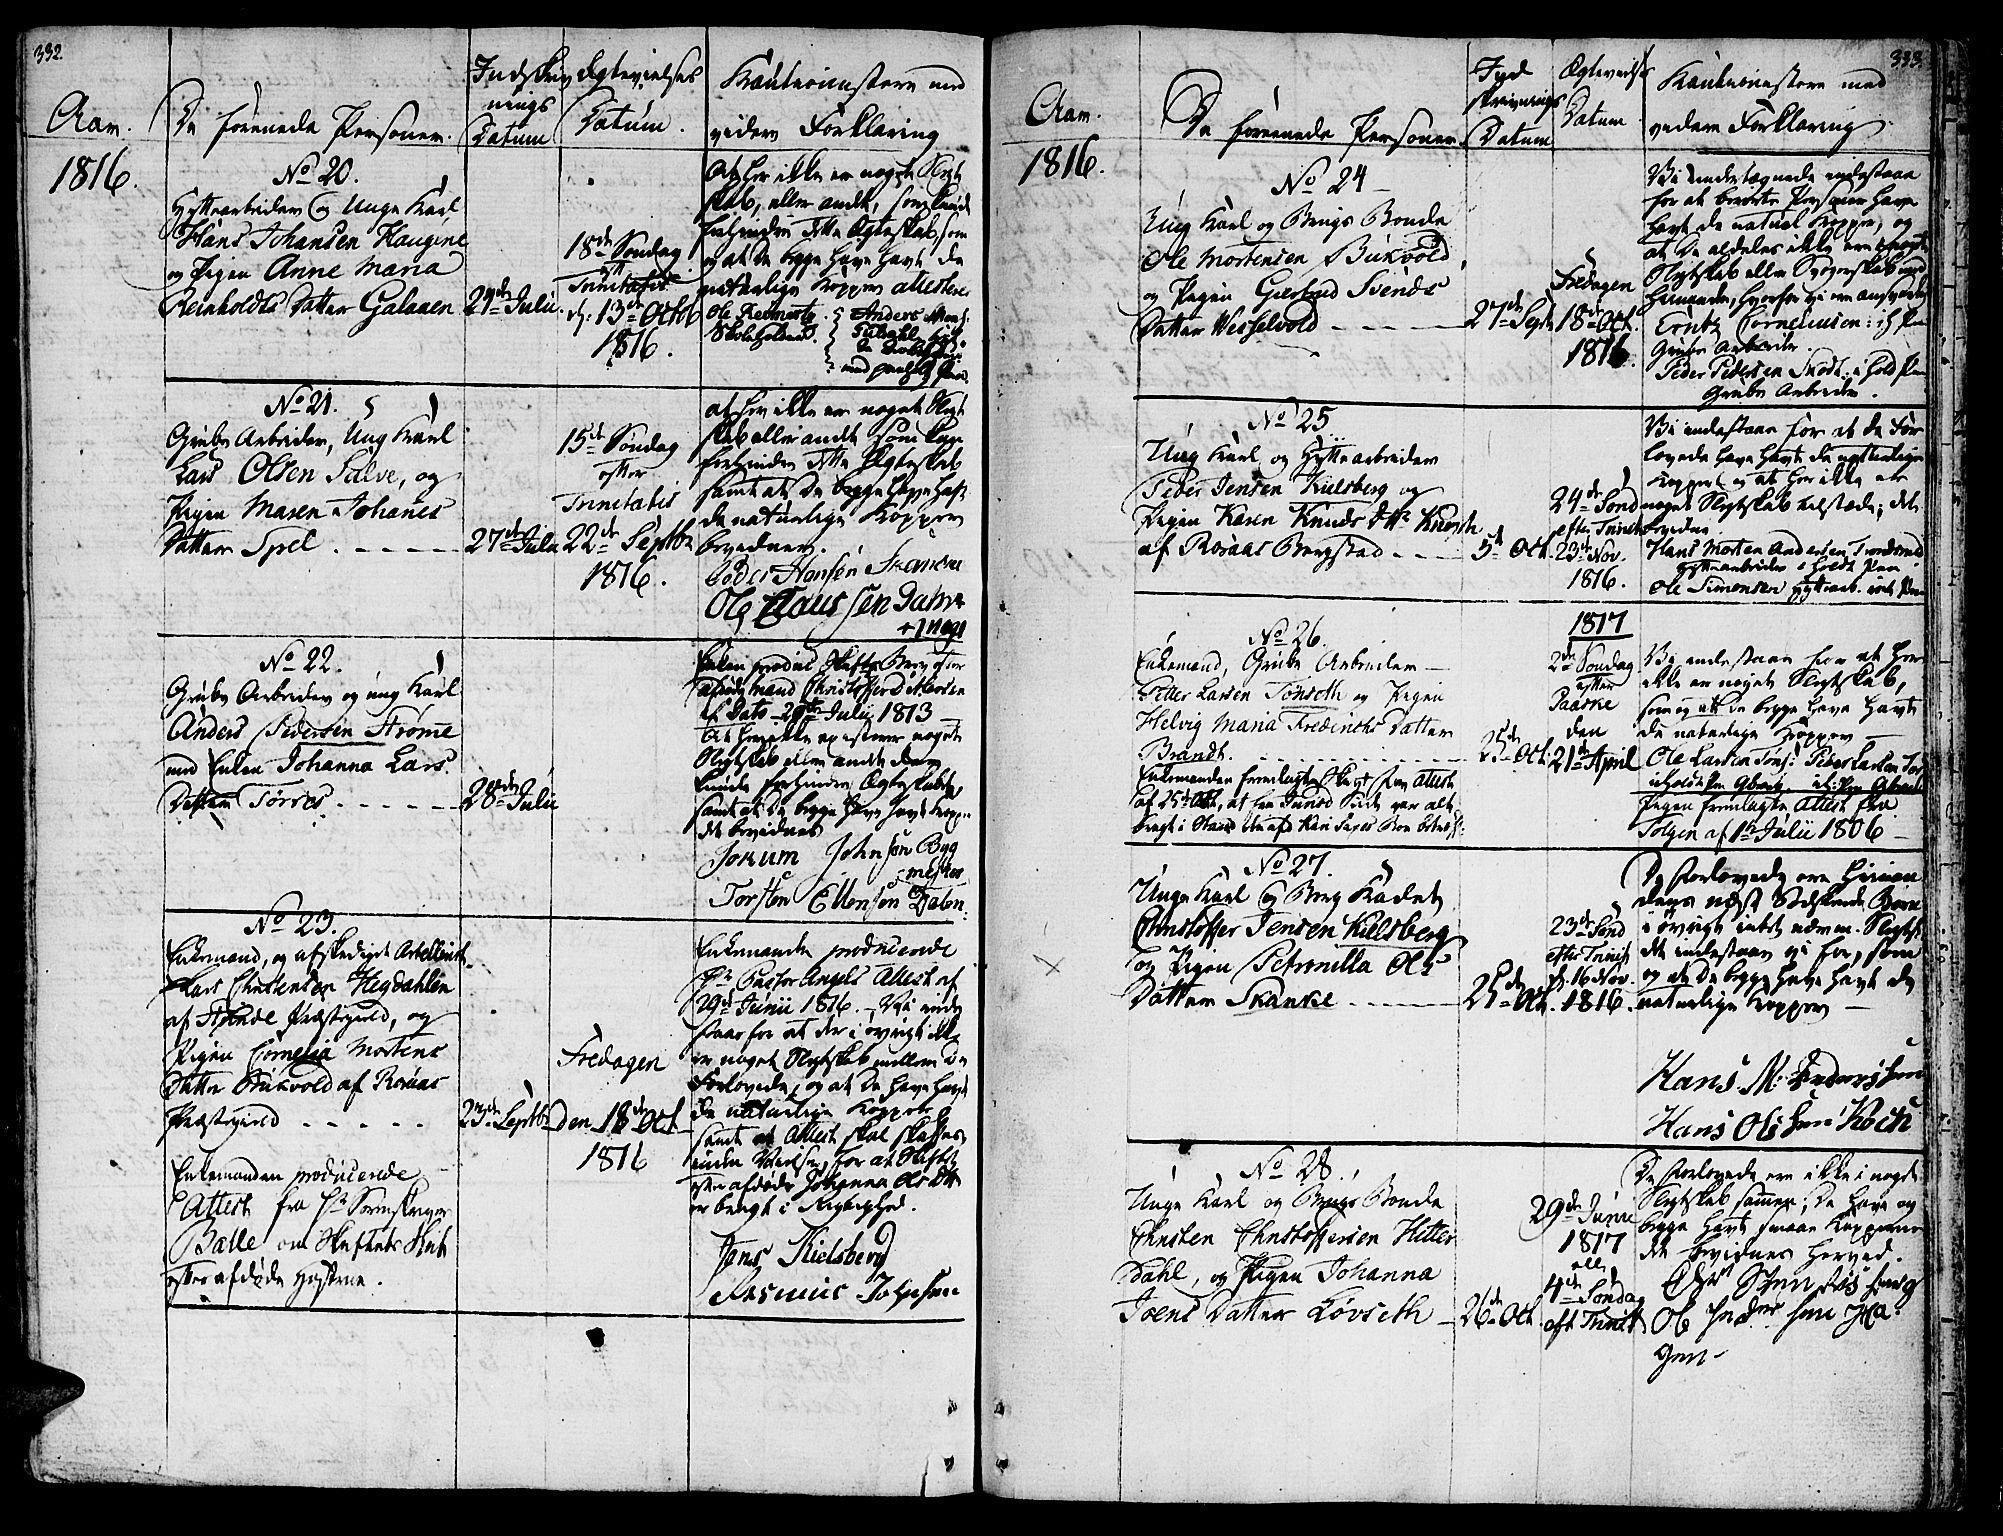 SAT, Ministerialprotokoller, klokkerbøker og fødselsregistre - Sør-Trøndelag, 681/L0928: Ministerialbok nr. 681A06, 1806-1816, s. 332-333